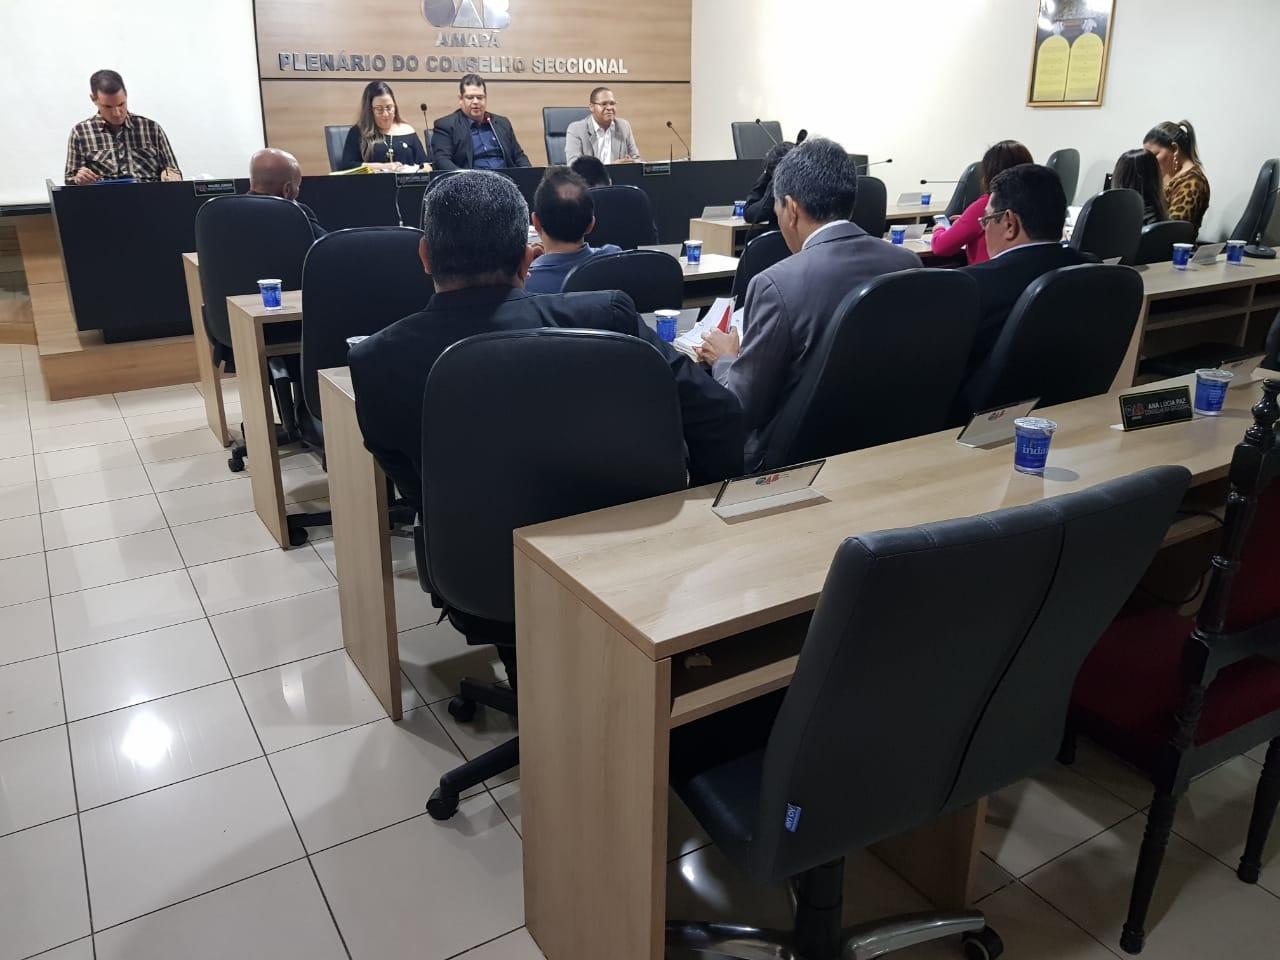 OAB/AP realiza Sessão Extraordinária do Conselho Seccional para fazer balanço dos semestre de gestão